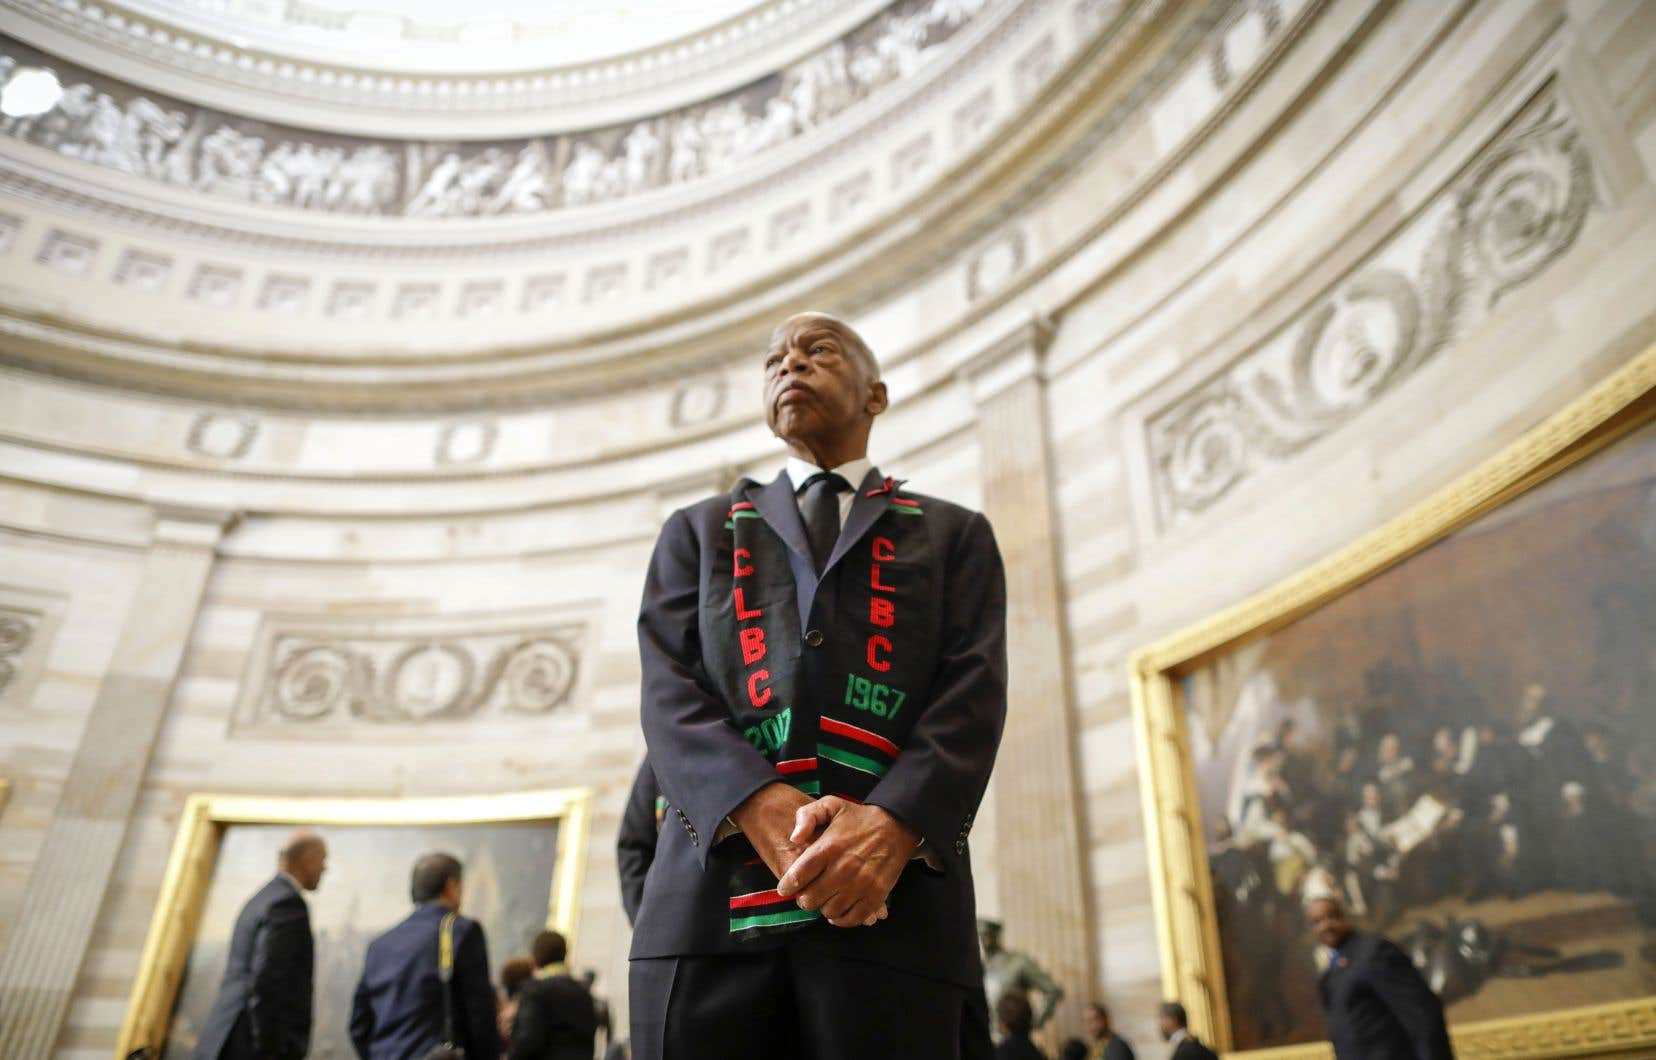 John Lewis était le dernier survivant des Big Six, des activistes des droits civiques dirigés par le révérend Martin Luther King Jr.